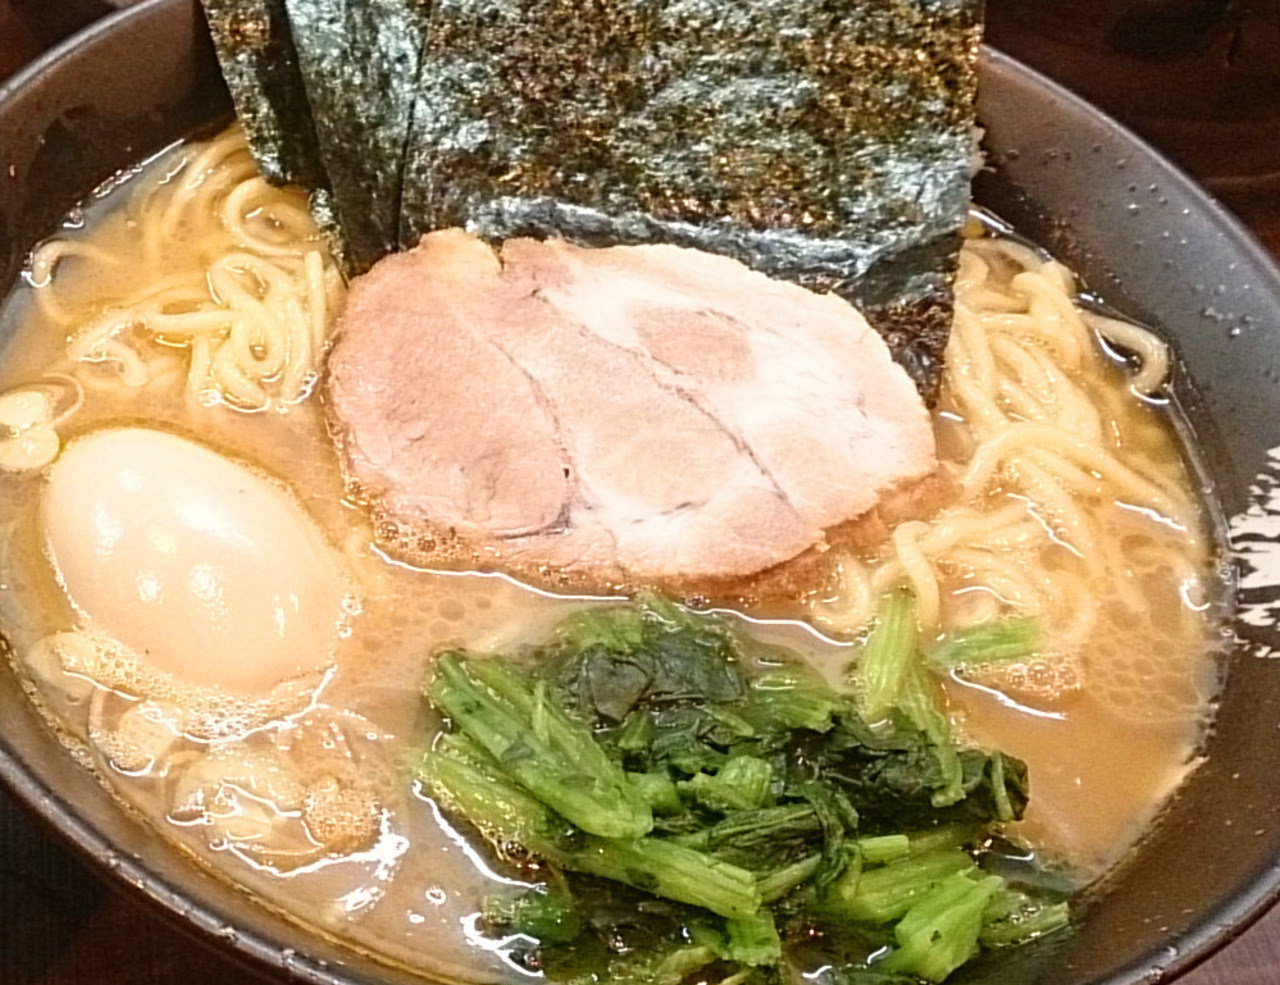 濃厚豚骨スープが癖になる 札幌の家系ラーメンならココ! 札幌